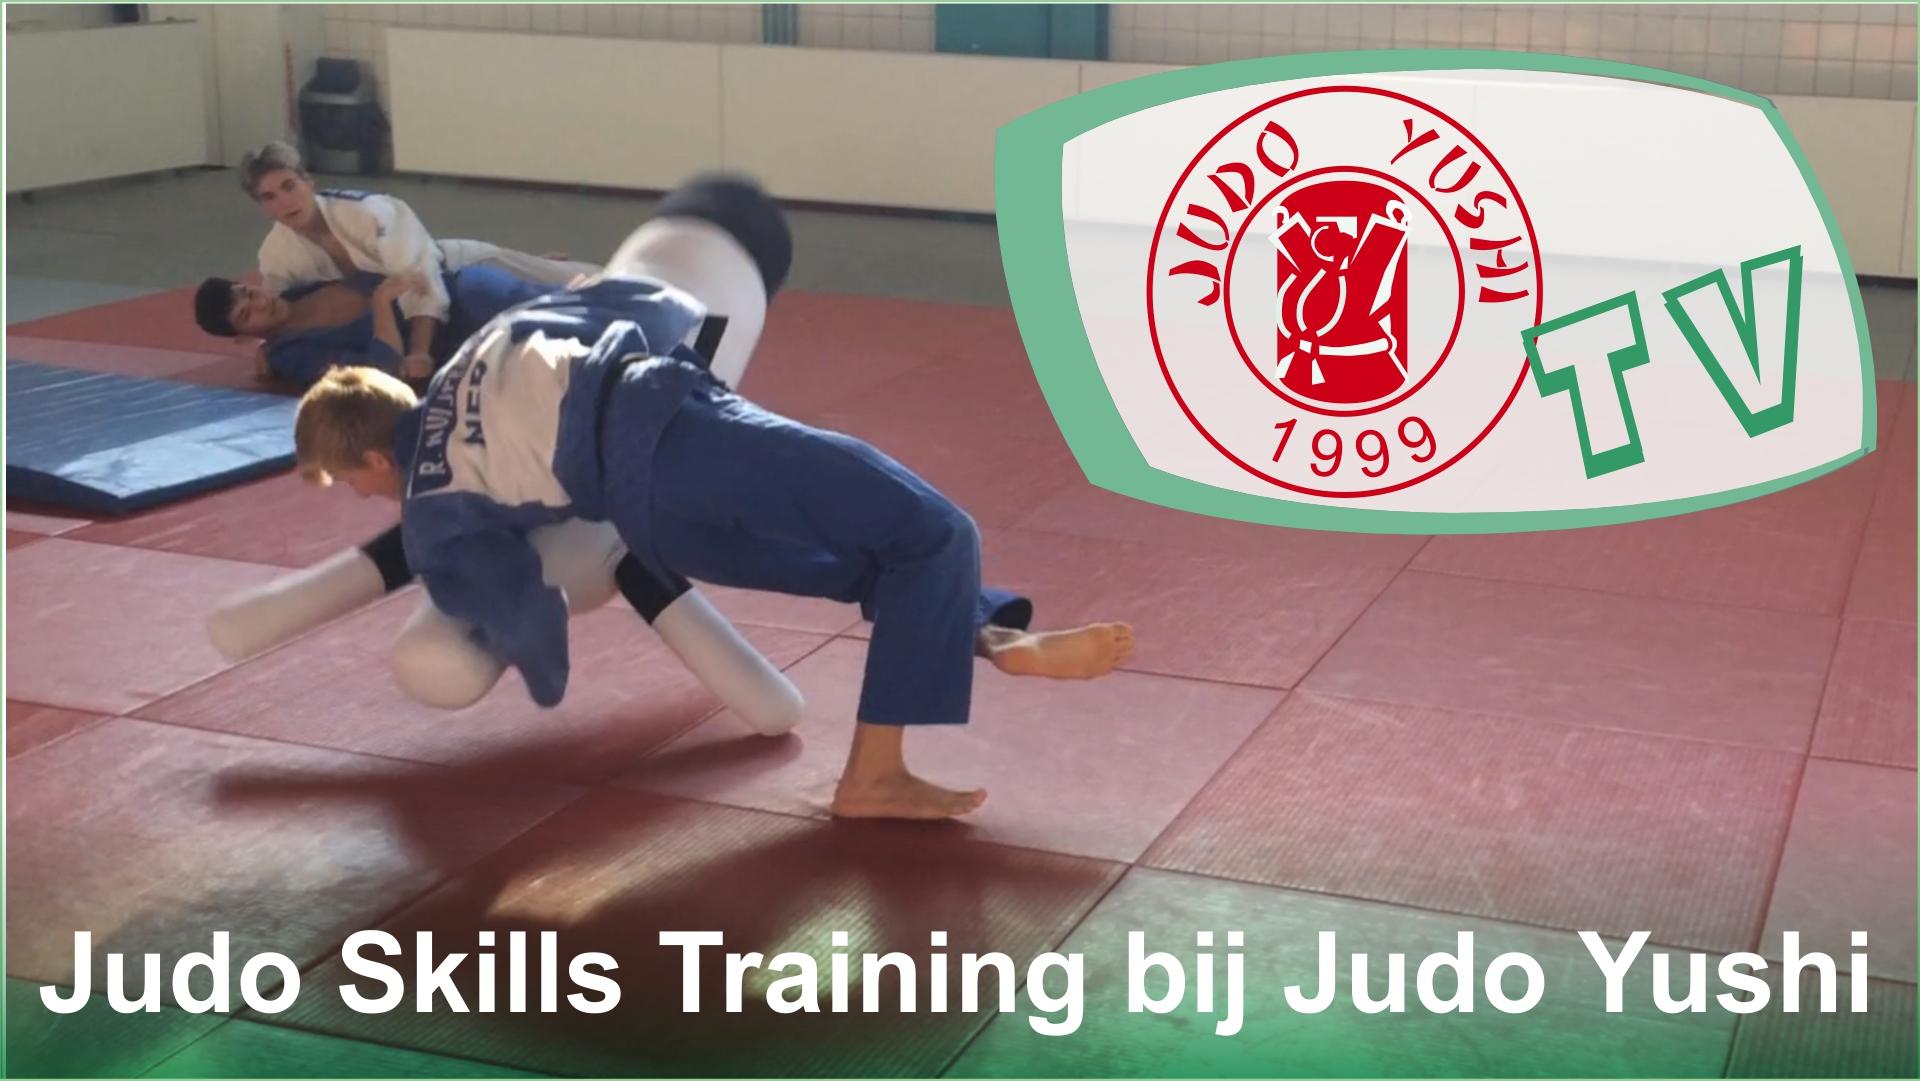 JUDO SKILLS TRAINING